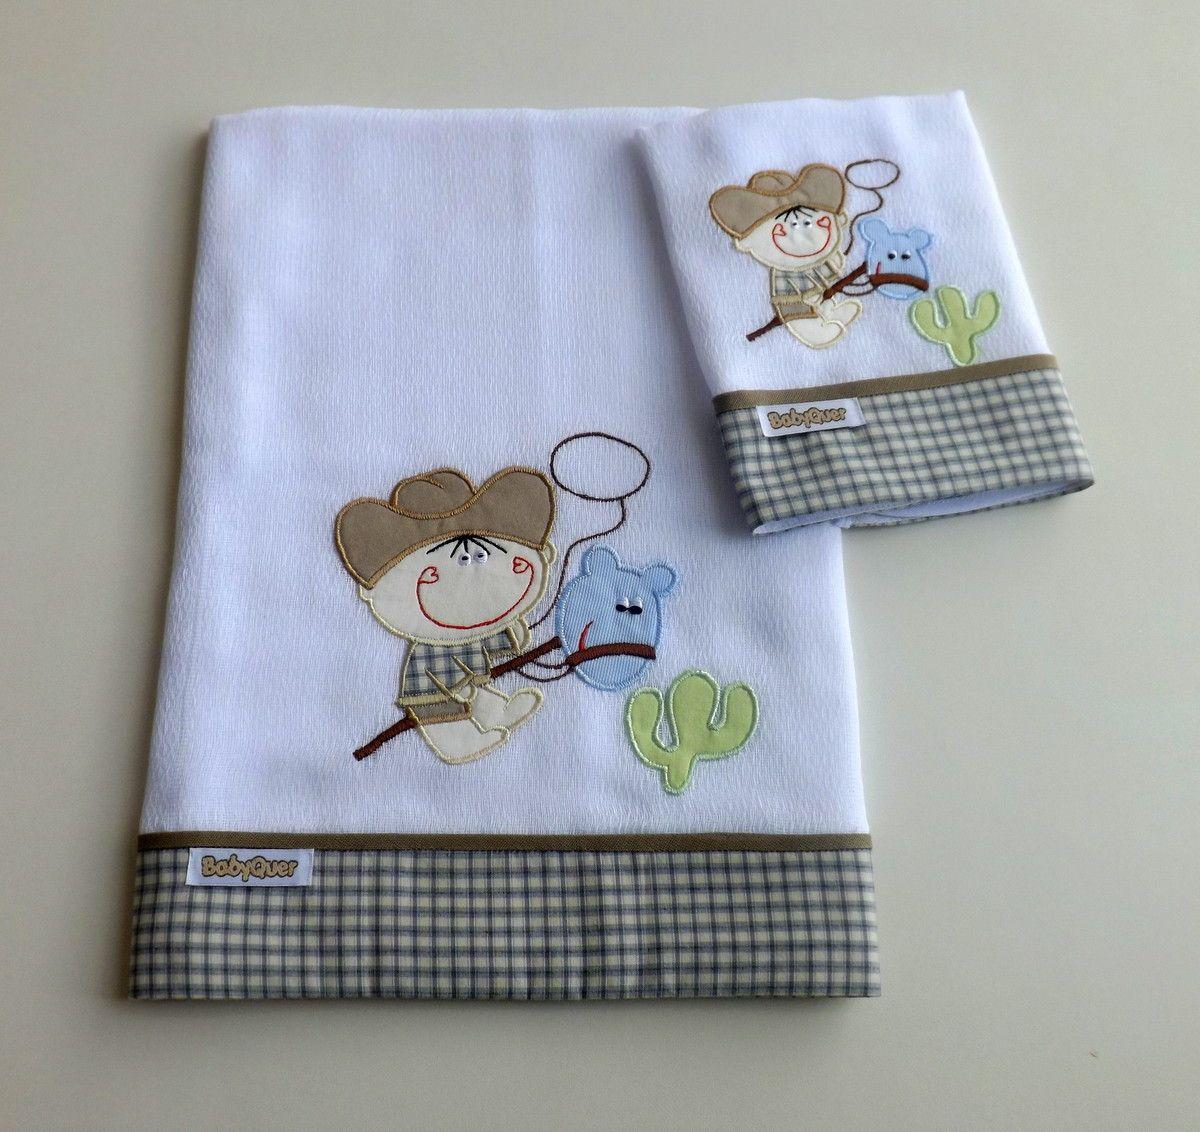 Jogo de babitas bordadas com barrado de tecido xadrez.    Tamanho: Babita - 32 x 32 cm; Fralda - 67 x 67 cm    Tecido: Fralda Cremer Luxo - 100% algodão